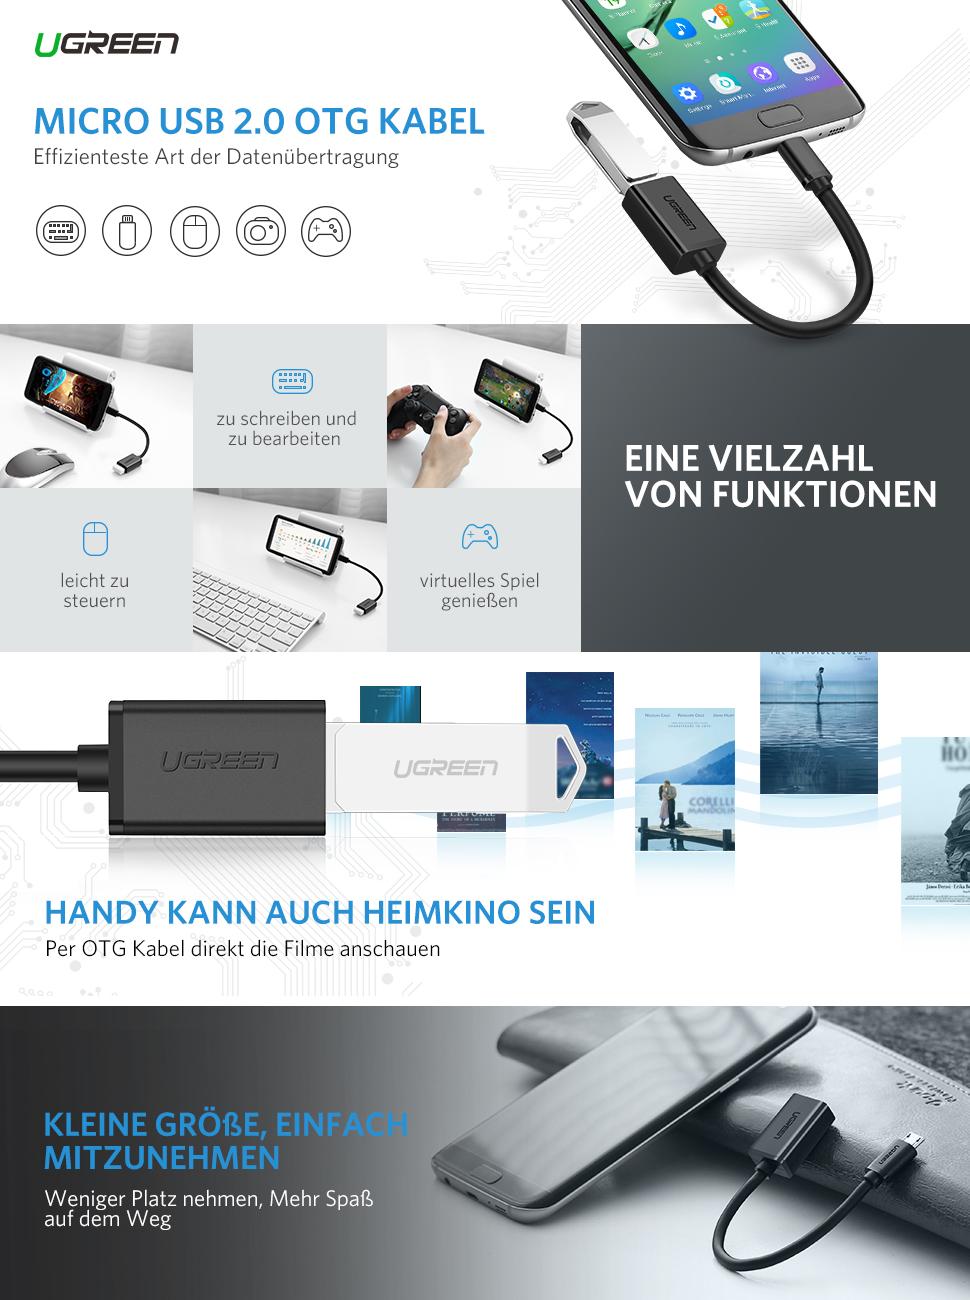 Ugreen Otg Kabel Usb 20 Auf Micro Adapter 0 Verwandelt Ihr Tablet Oder Smartphone Als Einen Host Und Ermglicht Ihnendas Gerte